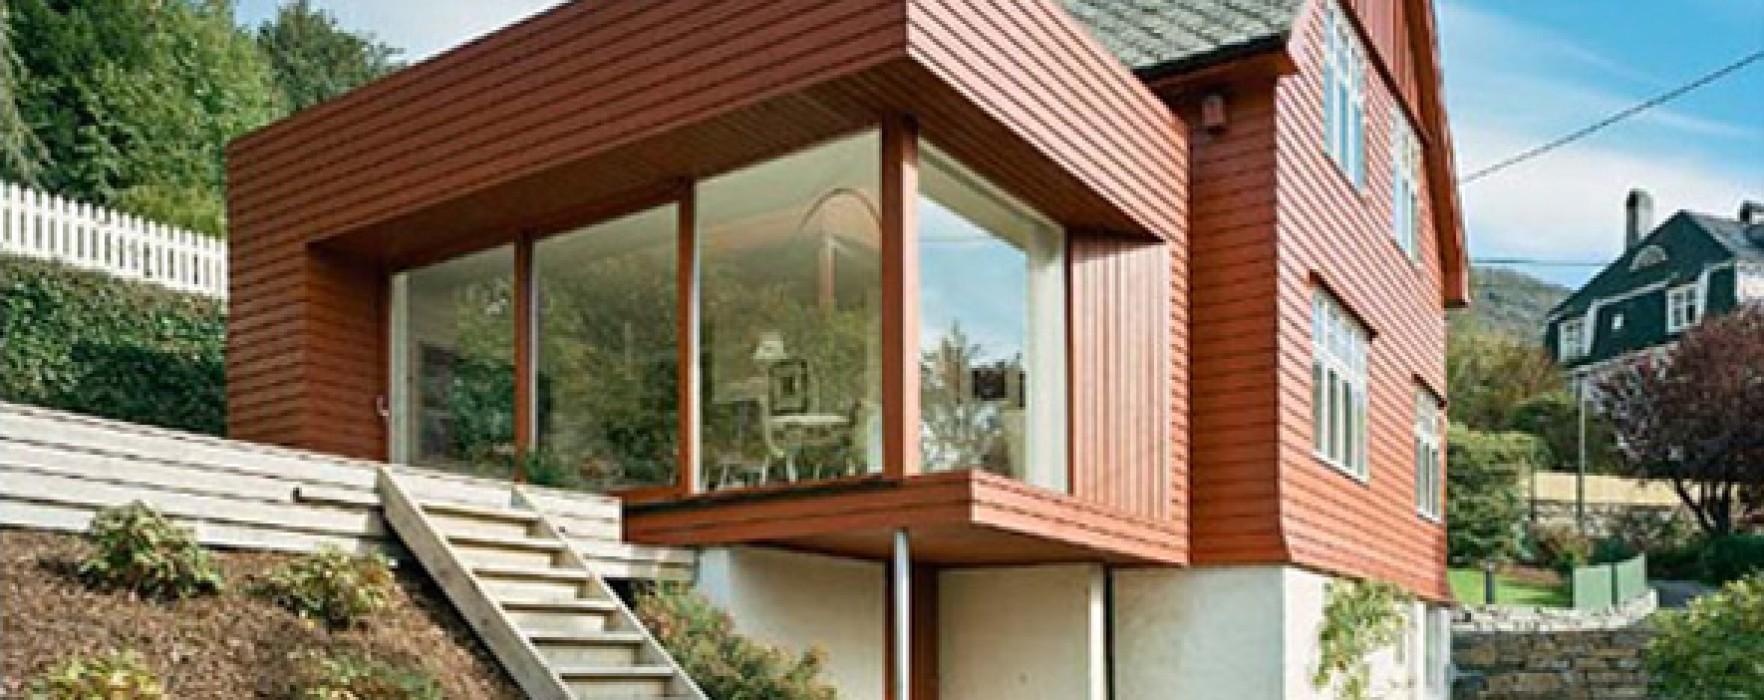 Una casa prefabbricata in legno economica - Costruire una casa economica ...